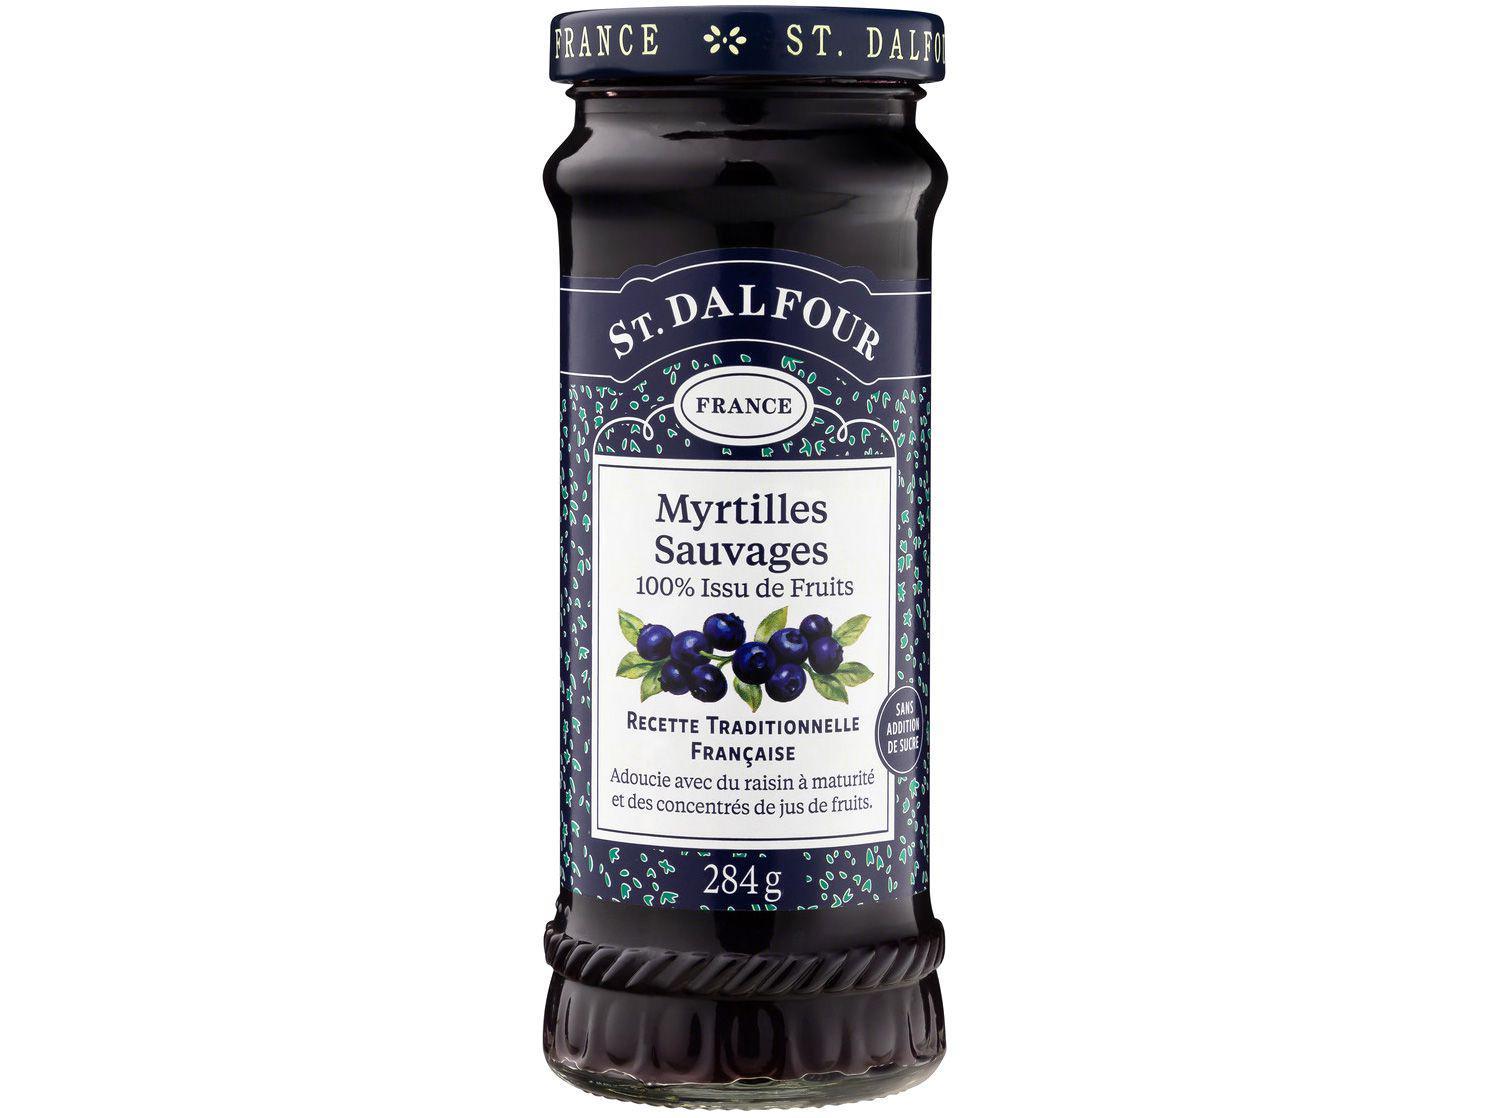 Geleia de Mirtilo St. Dalfour Myrtilles Sauvages - 284g